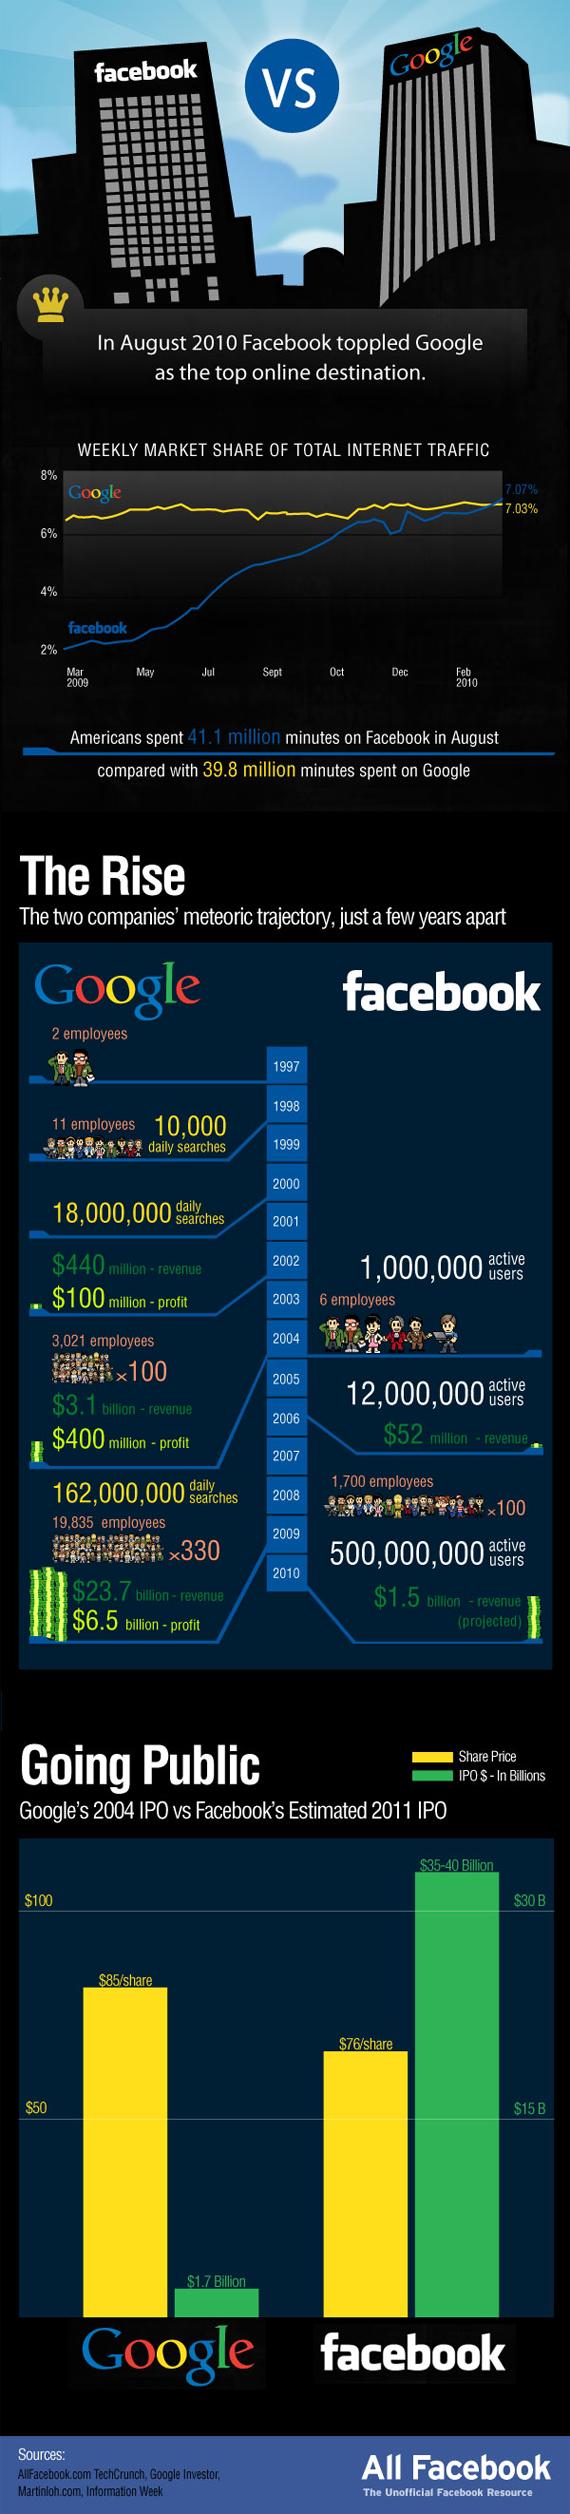 google-vs-facebook-war-info